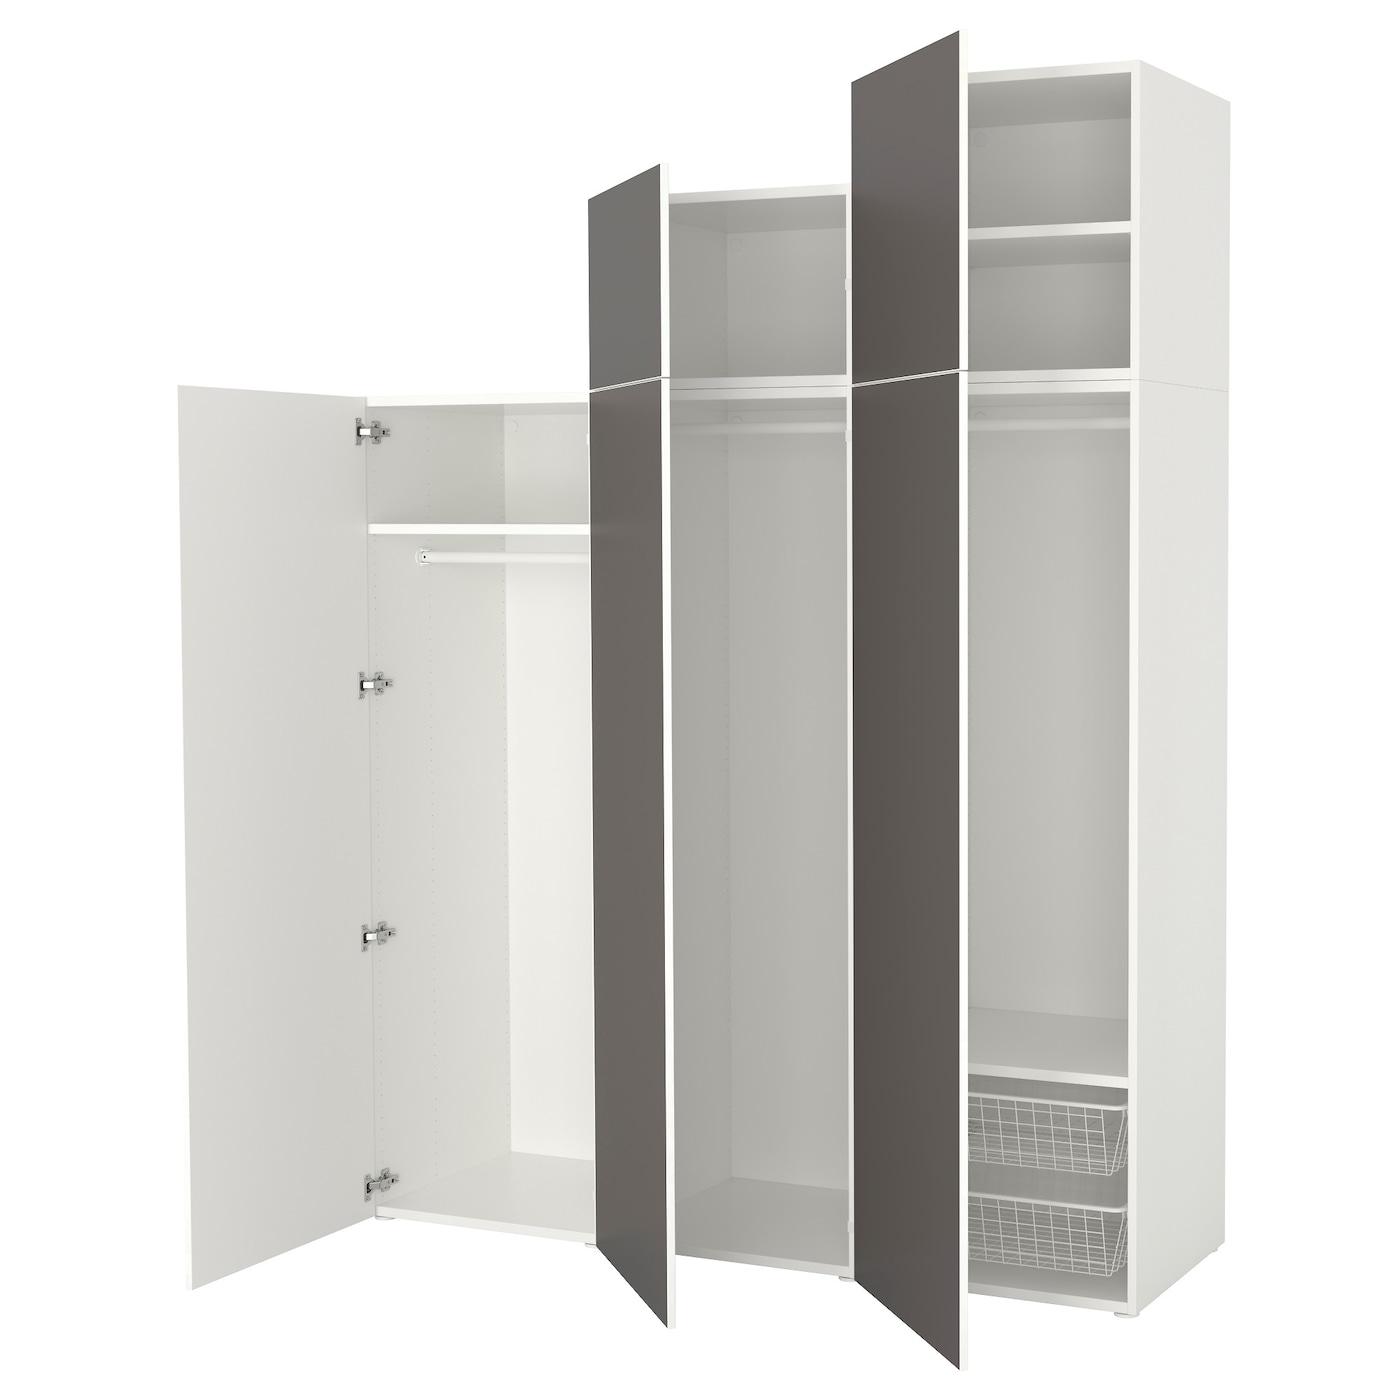 Penderie Pour Chambre Mansardée platsa armoire-penderie - blanc, skatval gris foncé 180x57x241 cm